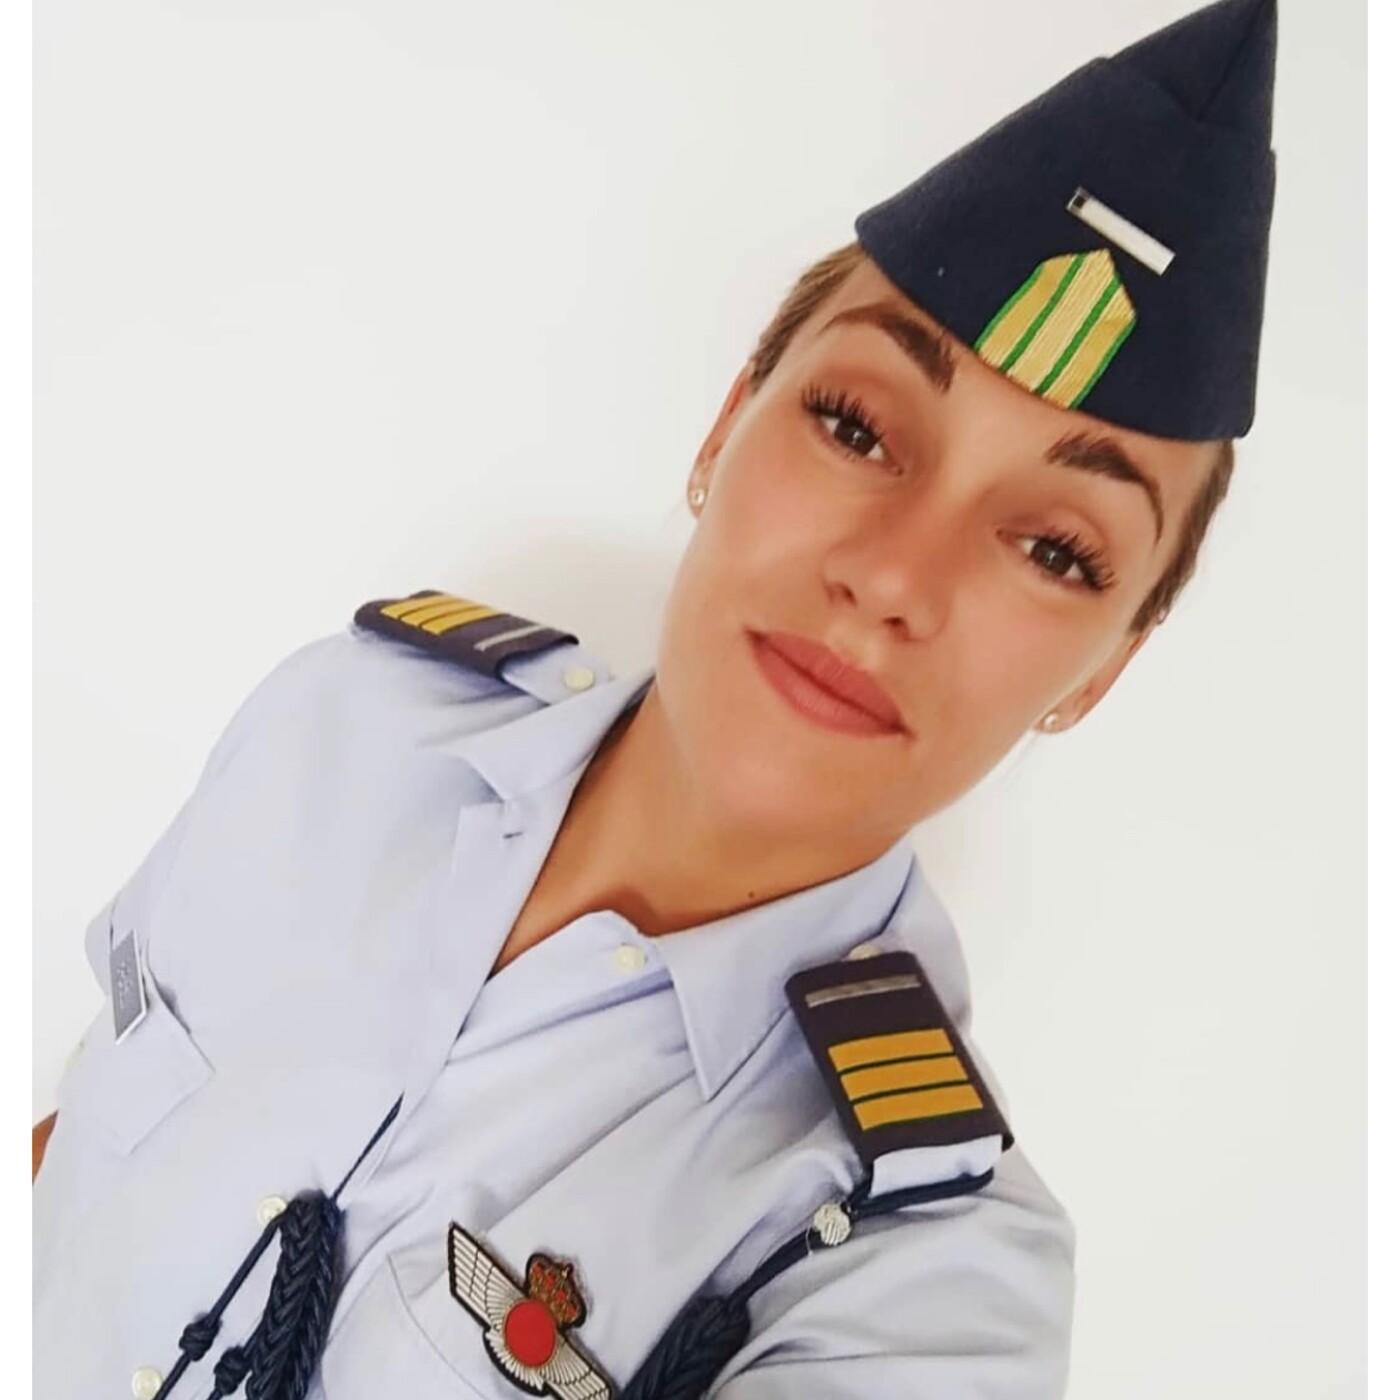 Maria Luengas - Mujeres que intimidan a los hombres // ¿hay machismo en el ejército? - La actitud como estilo de vida.